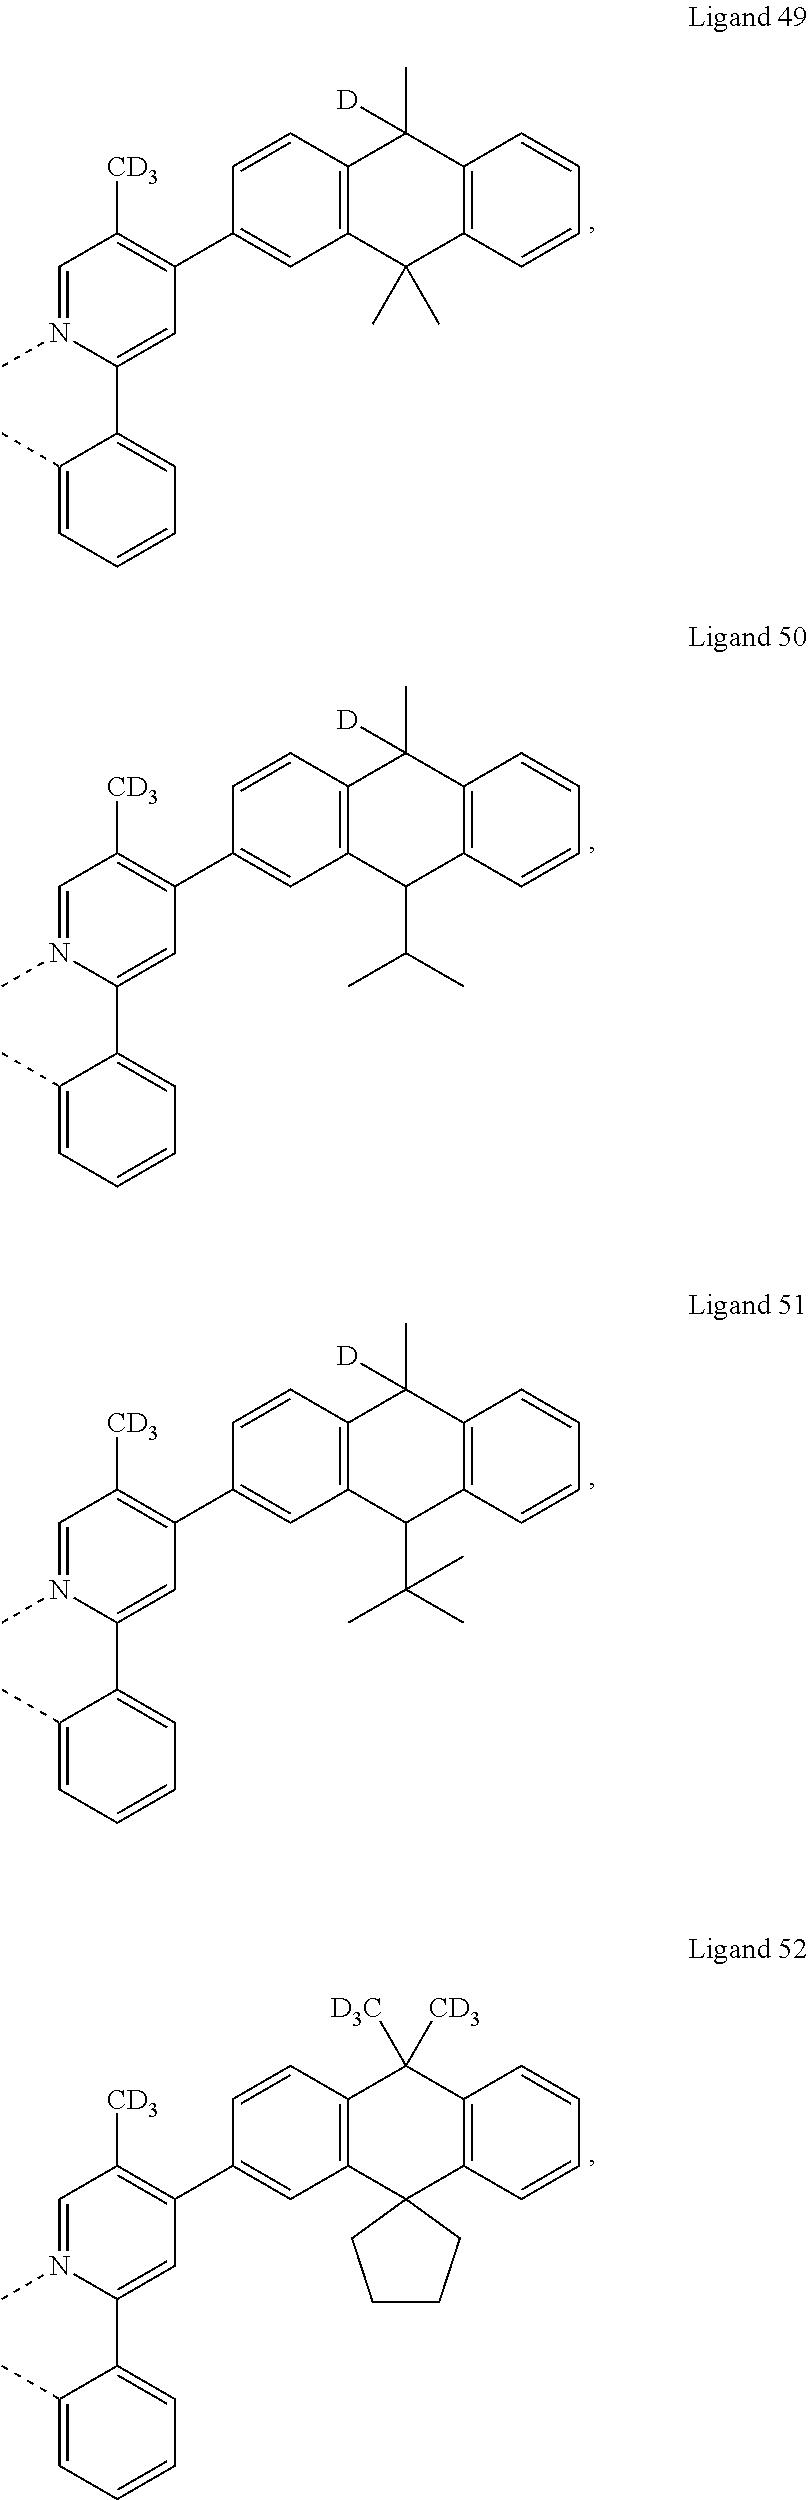 Figure US20180130962A1-20180510-C00042